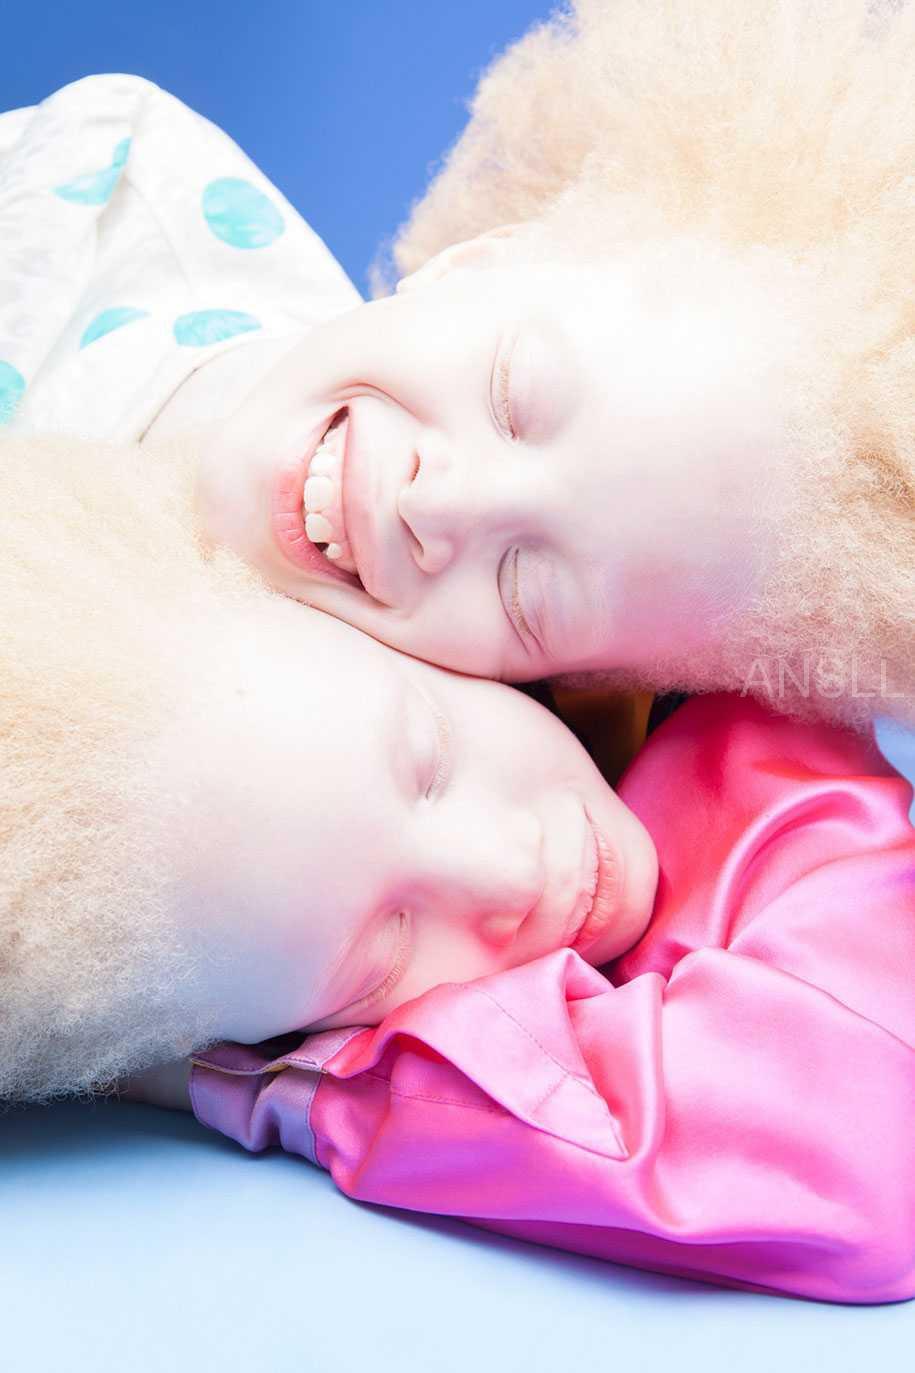 来自巴西的白化病双胞胎,正以其独特的美丽挑战时尚界的审美